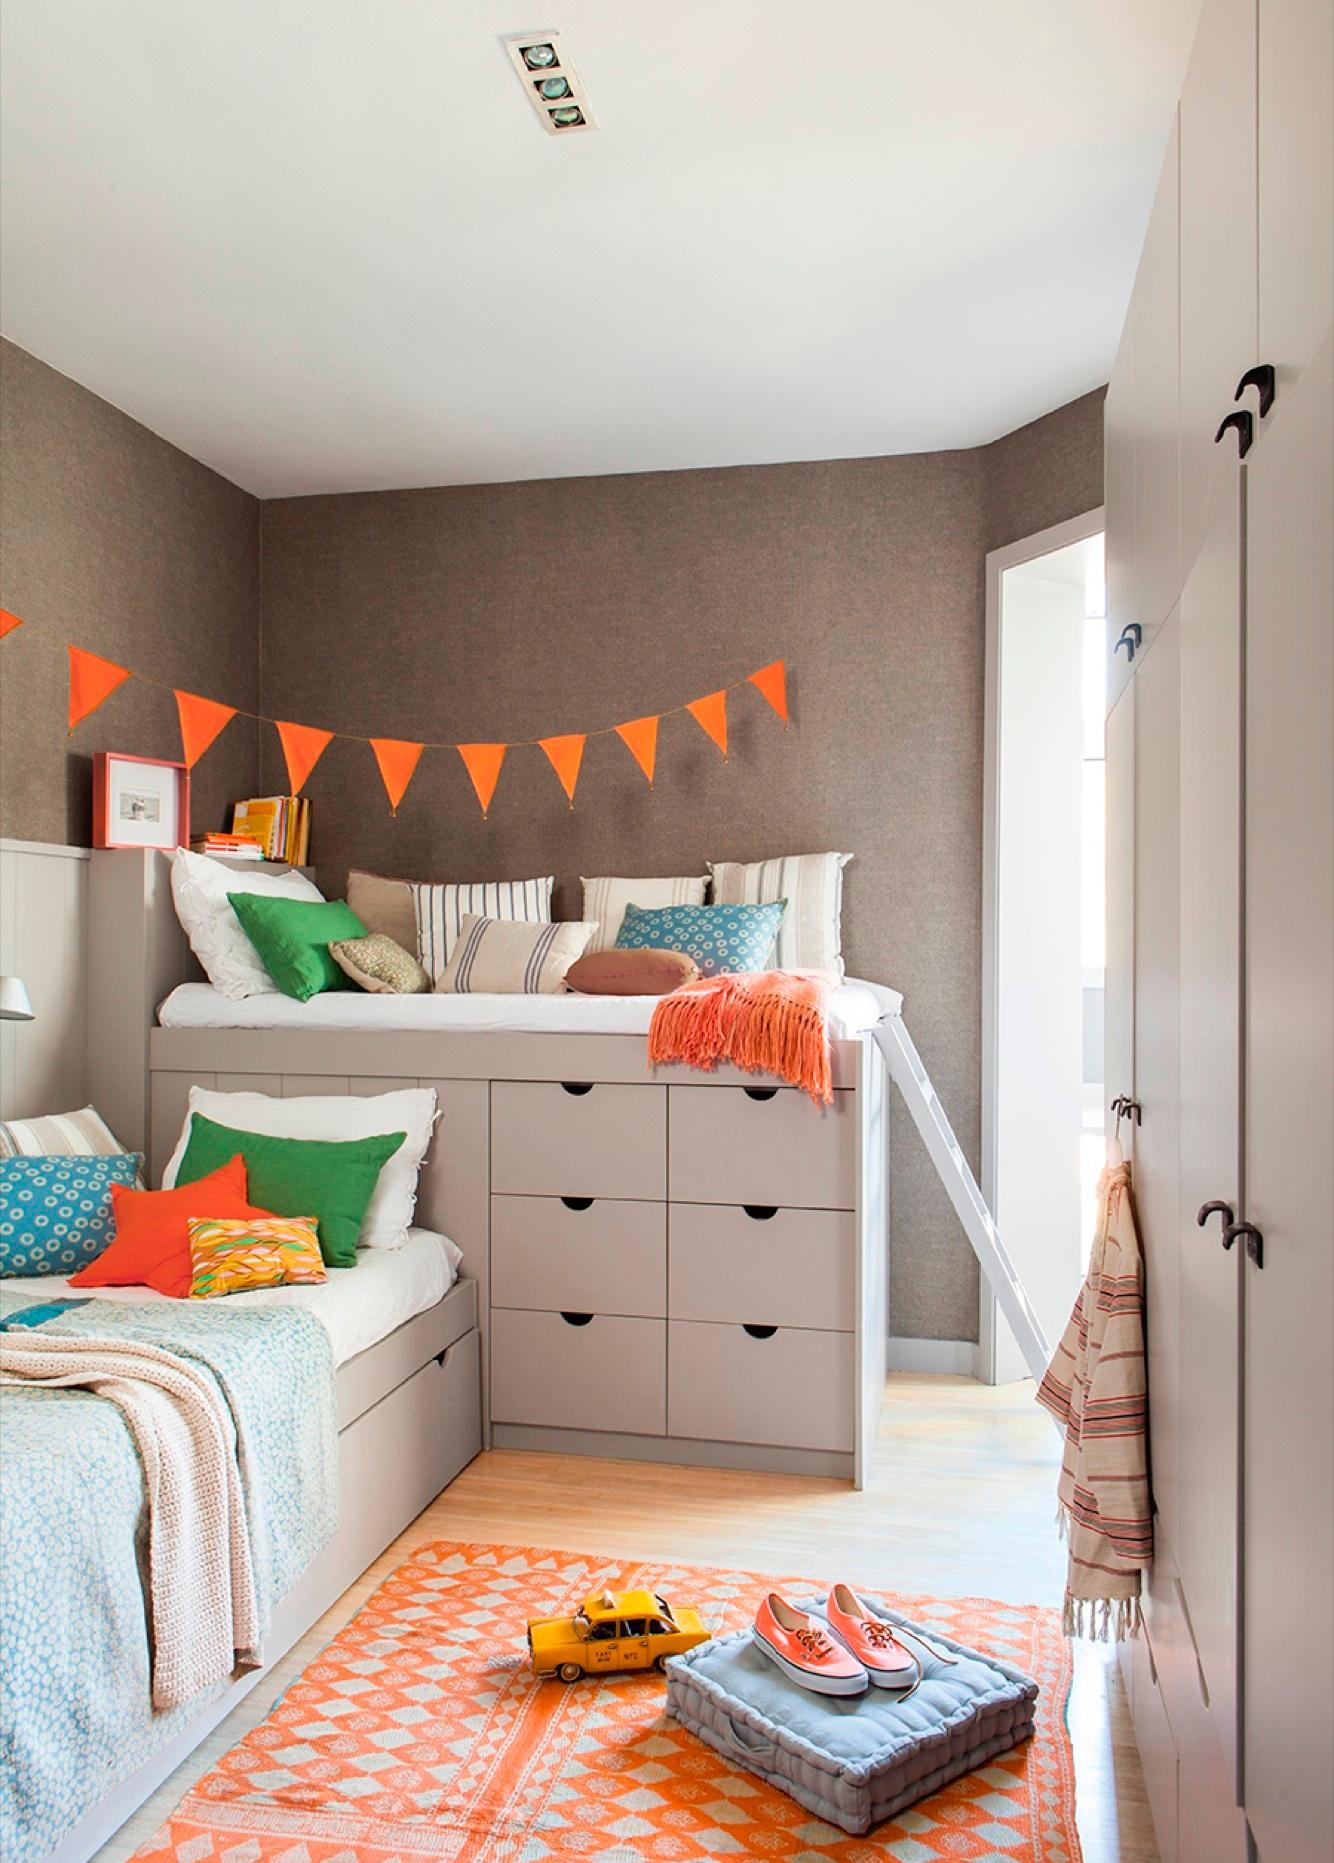 Aprovechar el espacio de tu casa es m s f cil con estos consejos - Disenar dormitorio juvenil ...